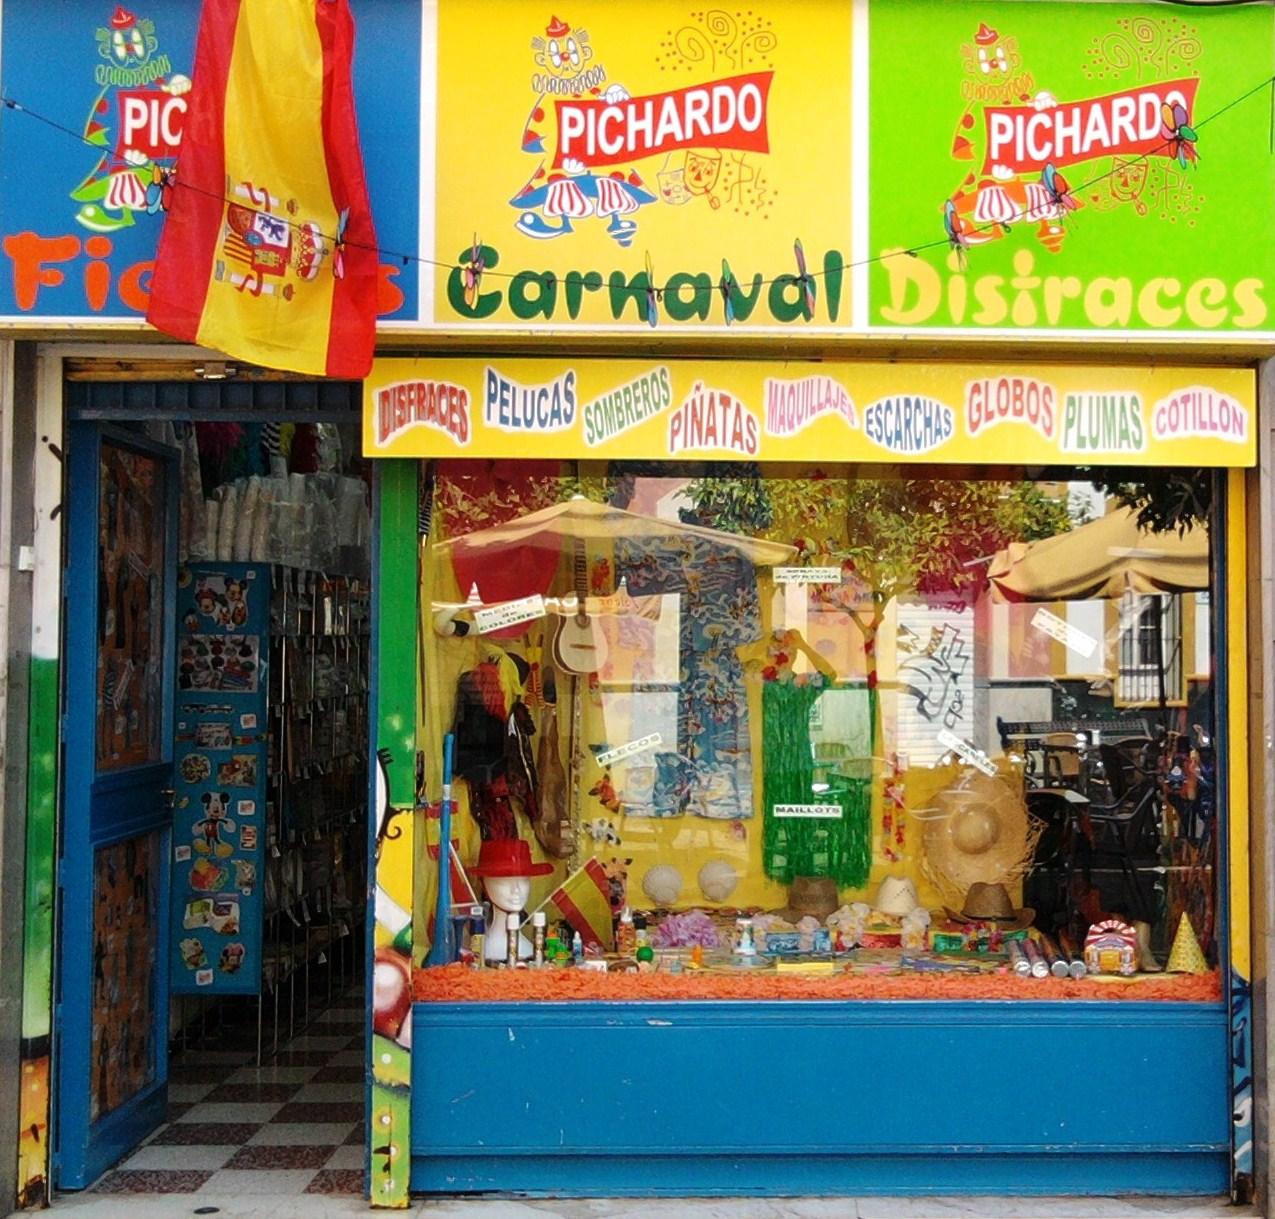 Tu lugar para el disfraz disfraces pichardo - Articulos carnaval ...